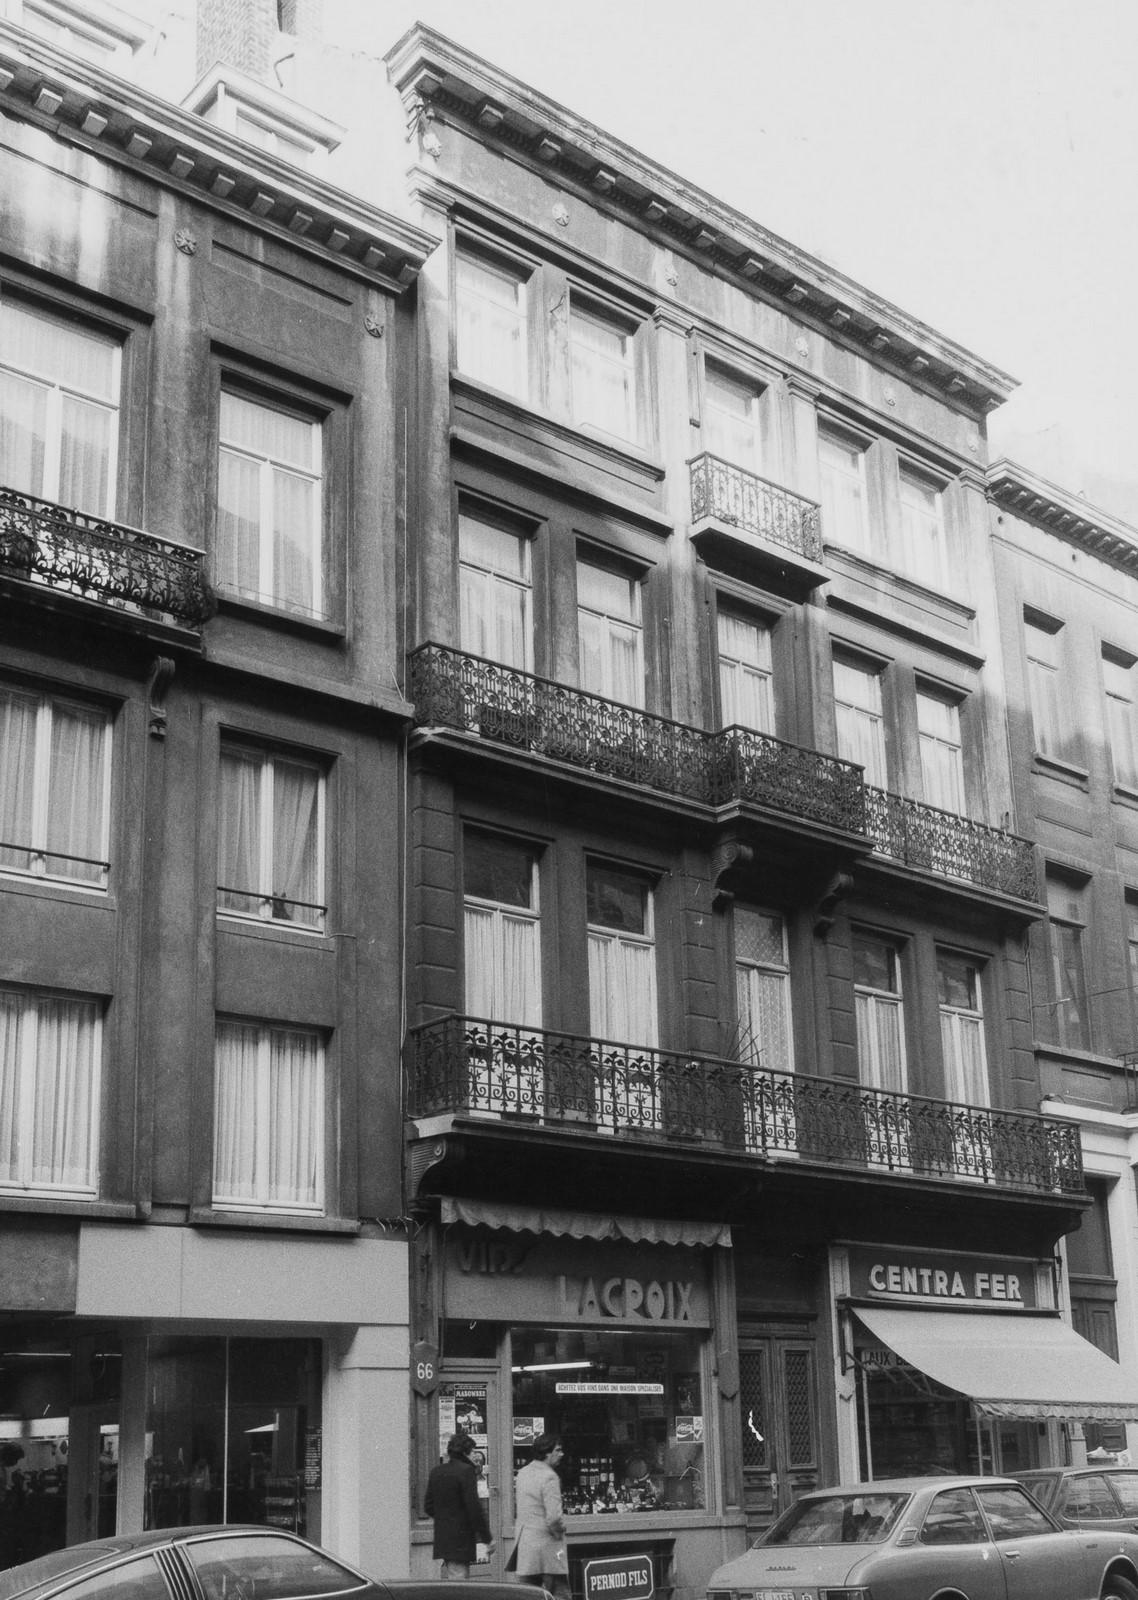 rue de la Croix de Fer 66-68., 1981